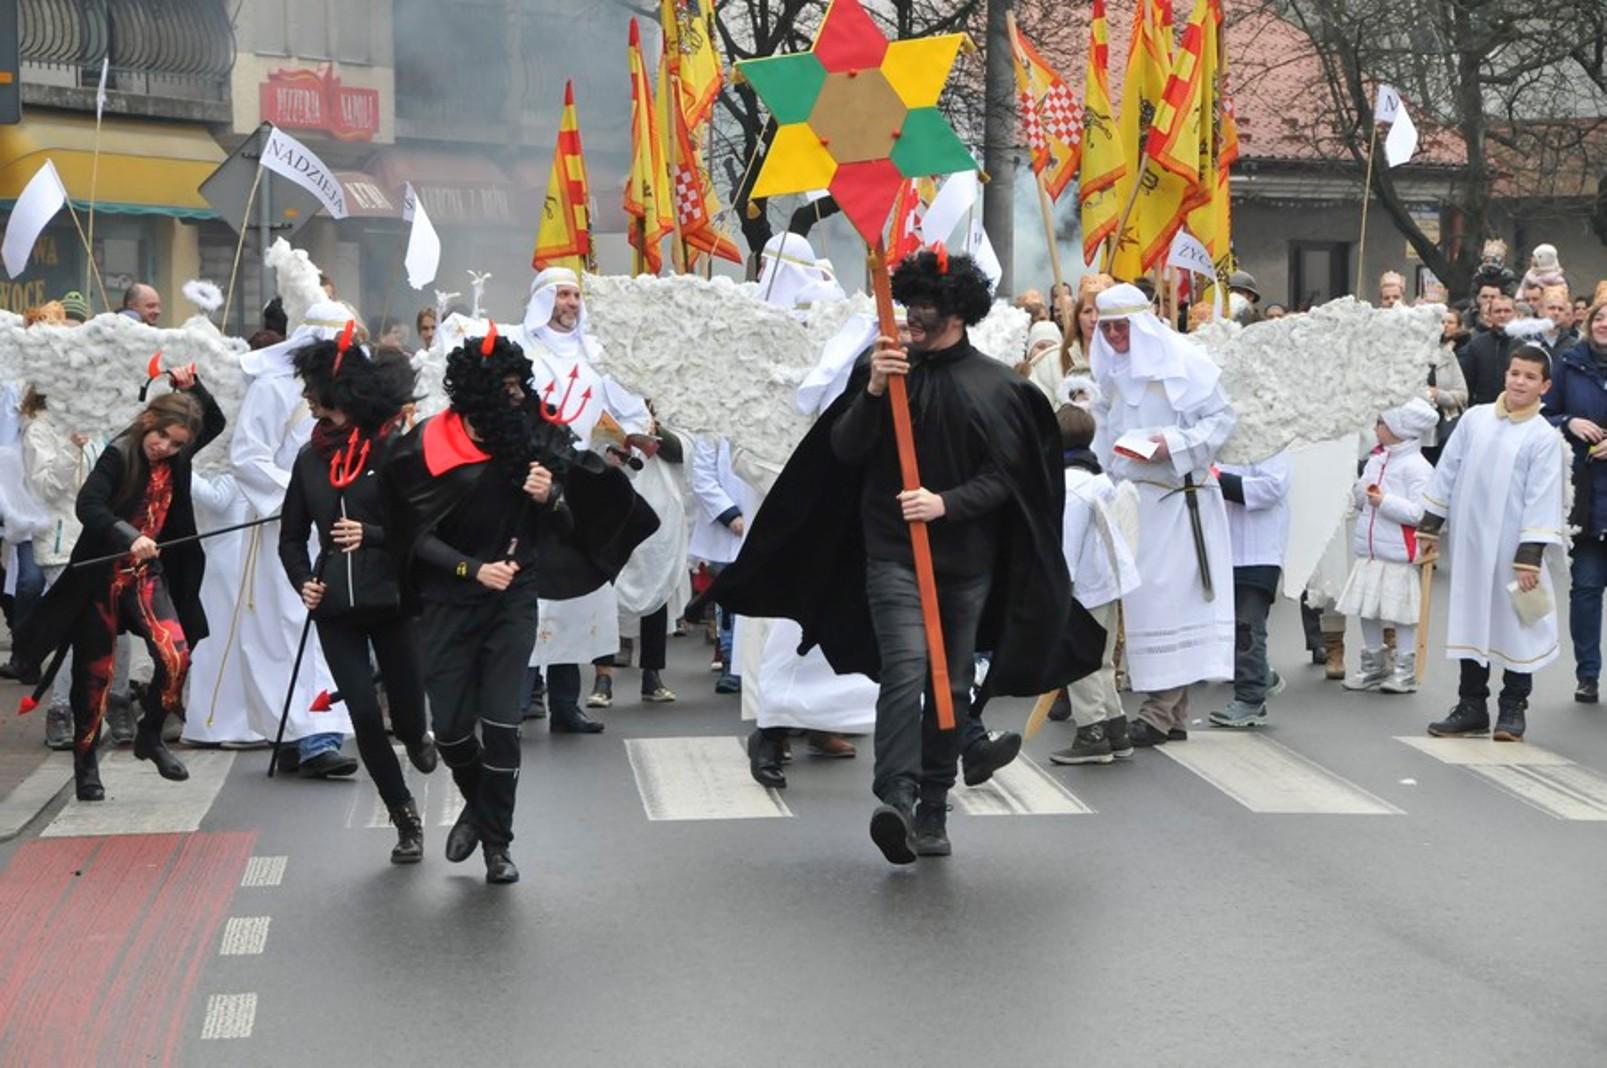 ORSZAK TRZECH KRÓLI – 6 STYCZNIA 2018 R.